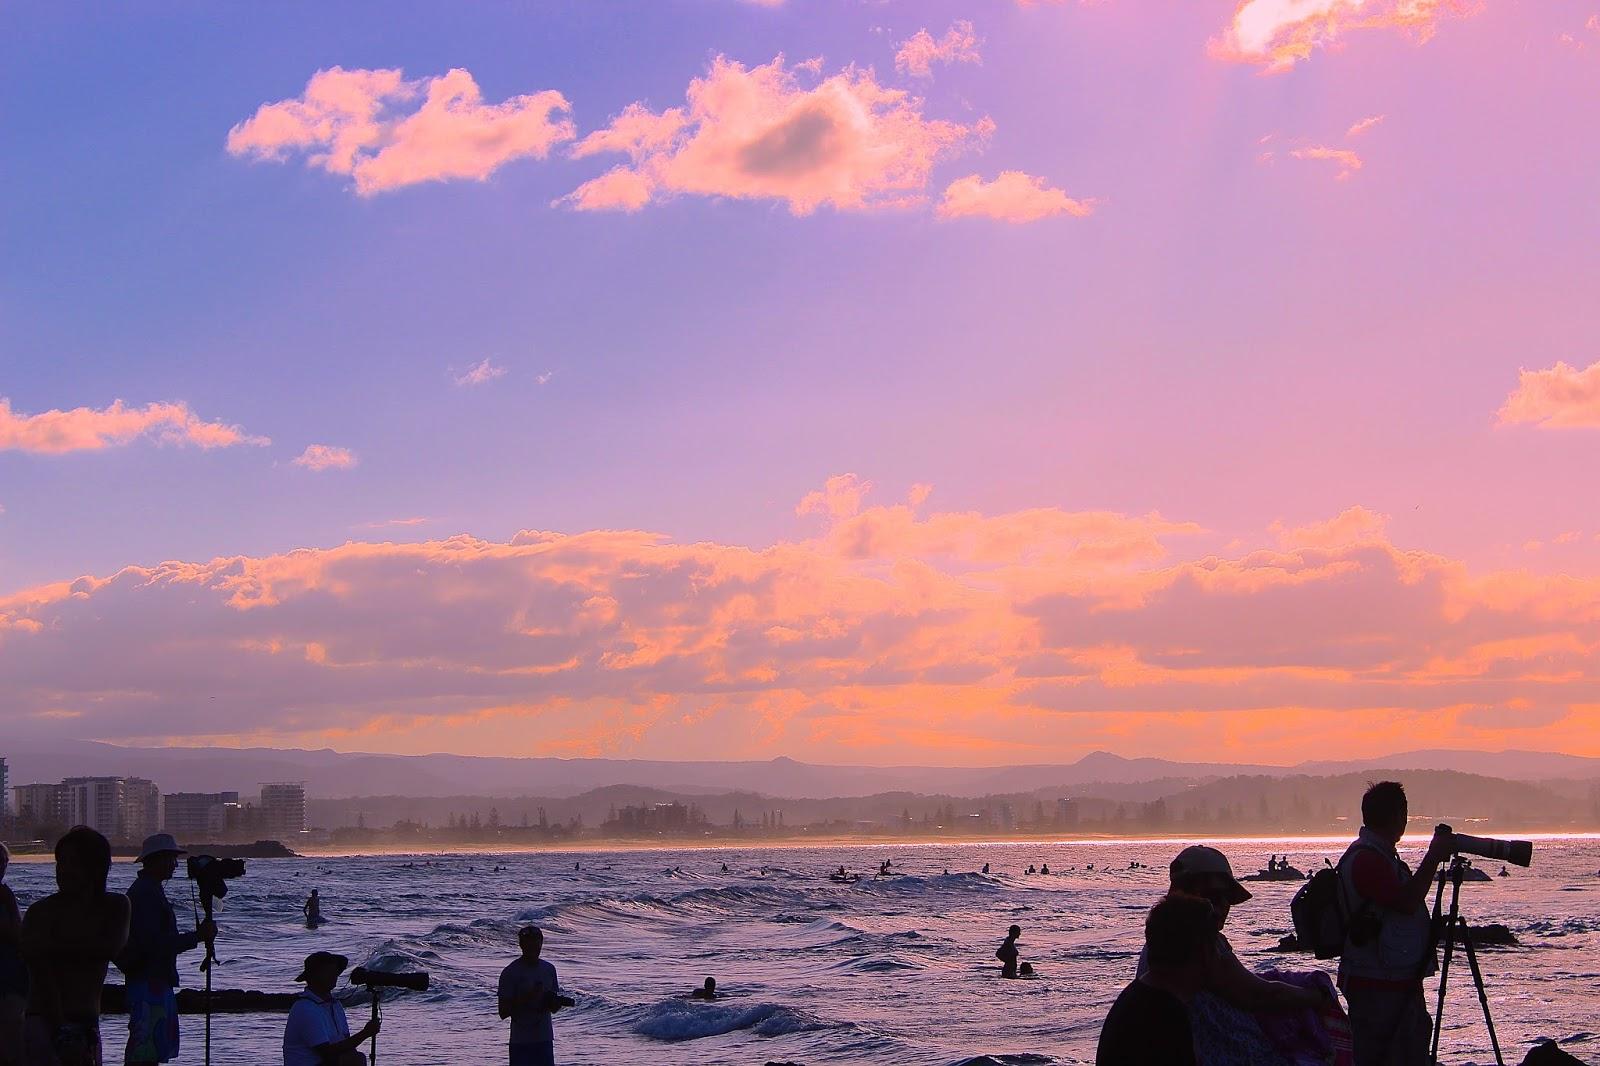 A camera operators at Surf Event